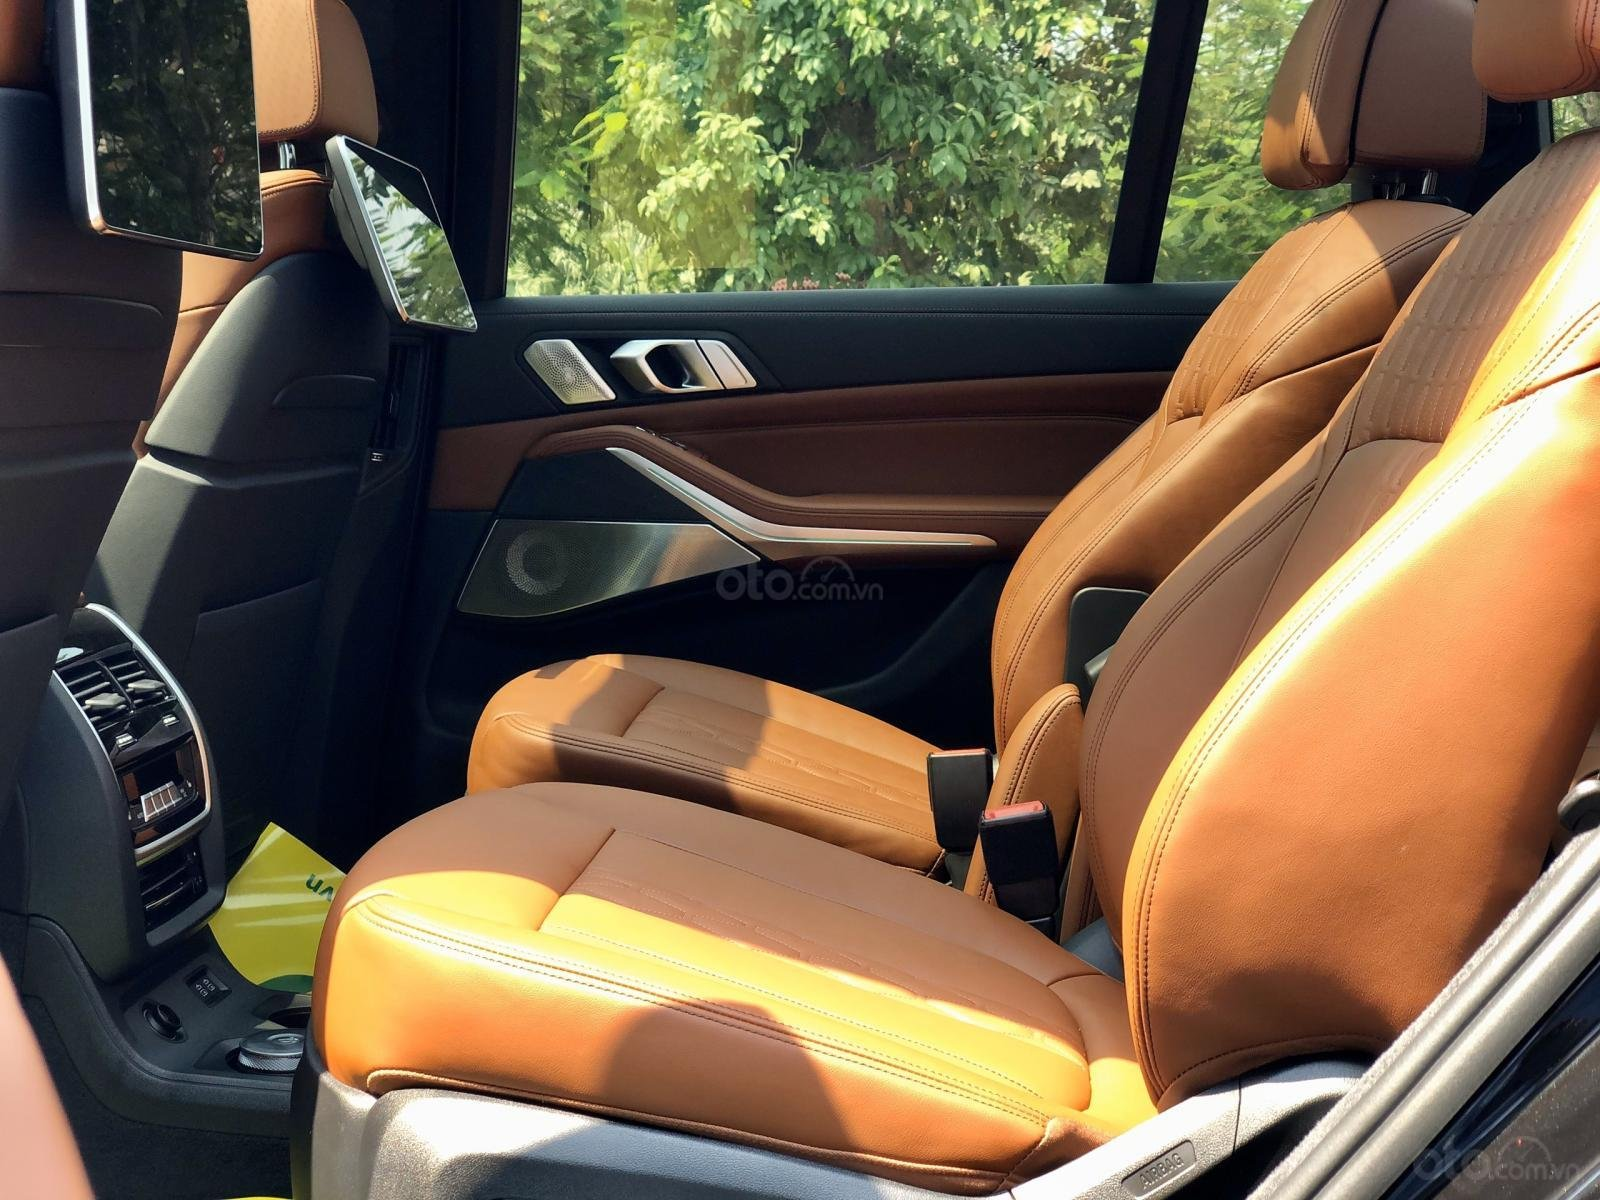 Bán BMW X7 xDrive40i đời 2020, nhập Mỹ, giao ngay toàn quốc, giá tốt, LH 0945.39.2468 Ms Hương (22)